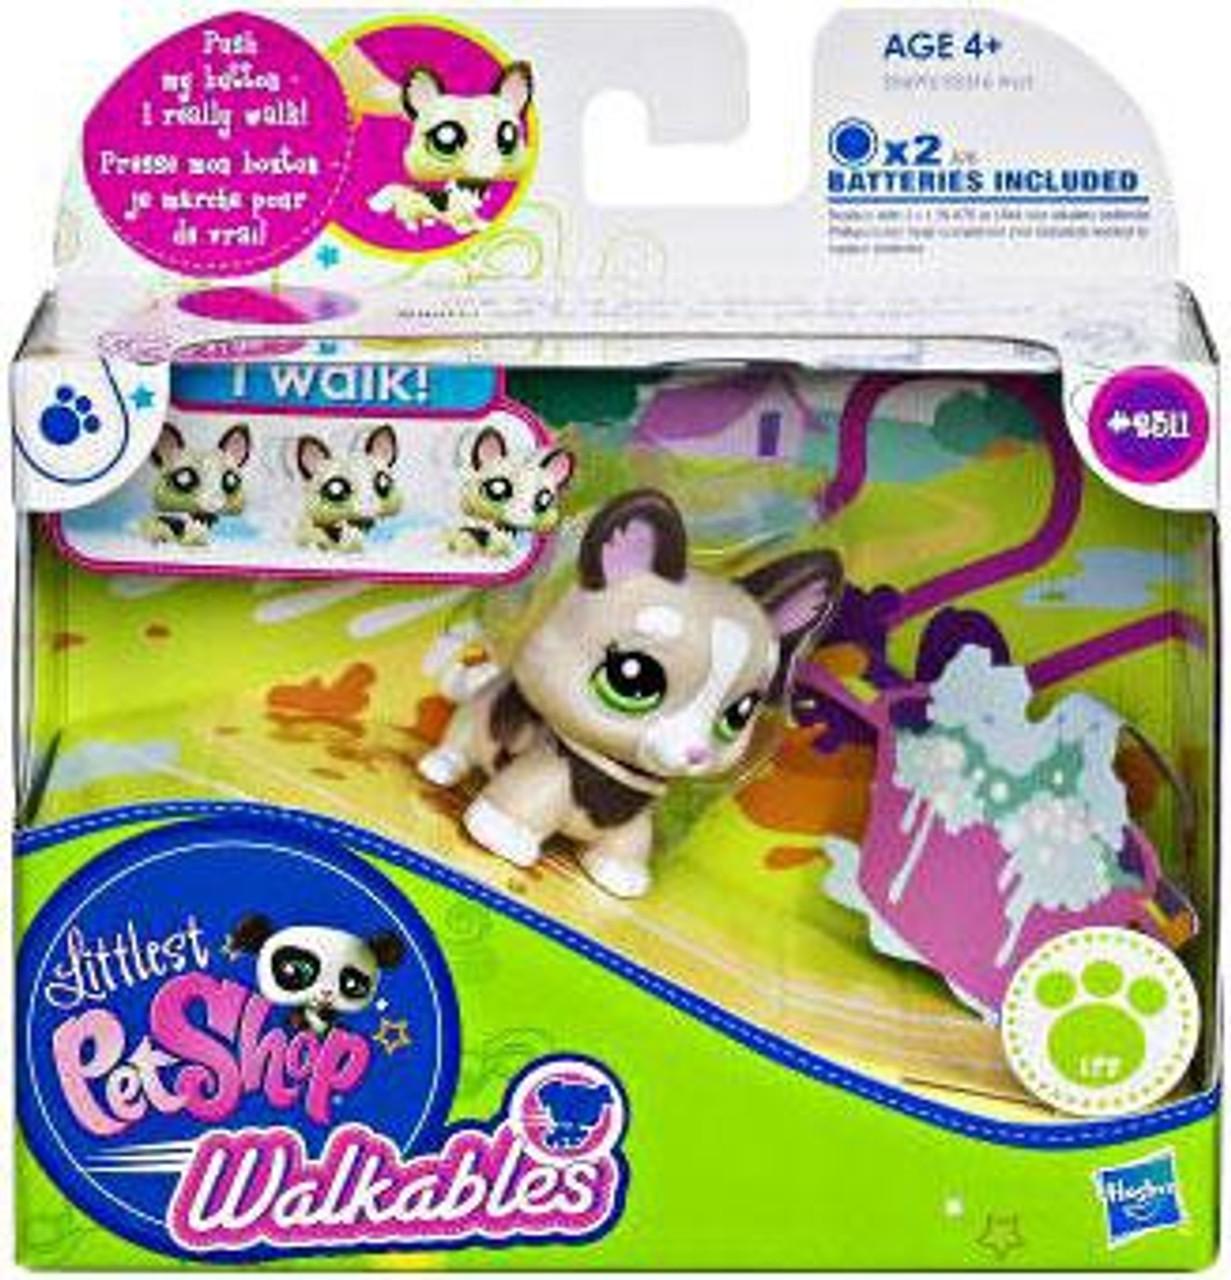 Littlest Pet Shop Walkables Corgi Figure #2311